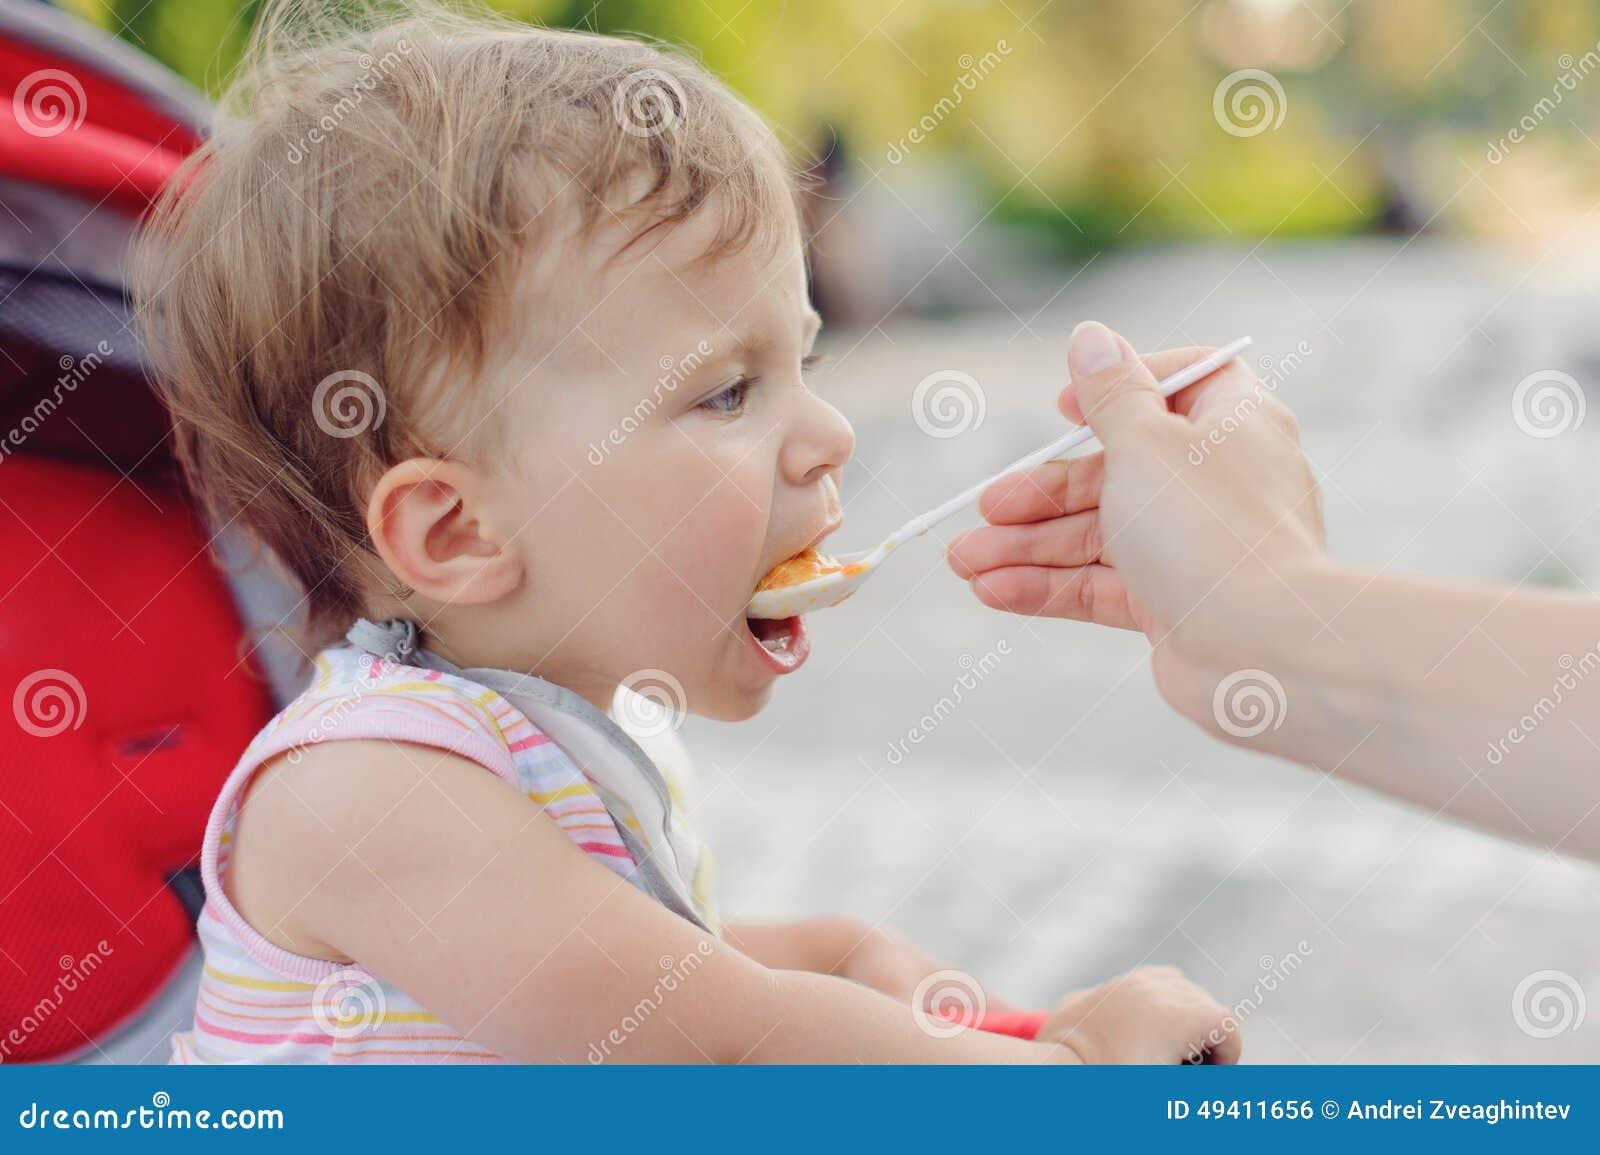 Download Mädchen, das Brei isst stockfoto. Bild von gesicht, obacht - 49411656